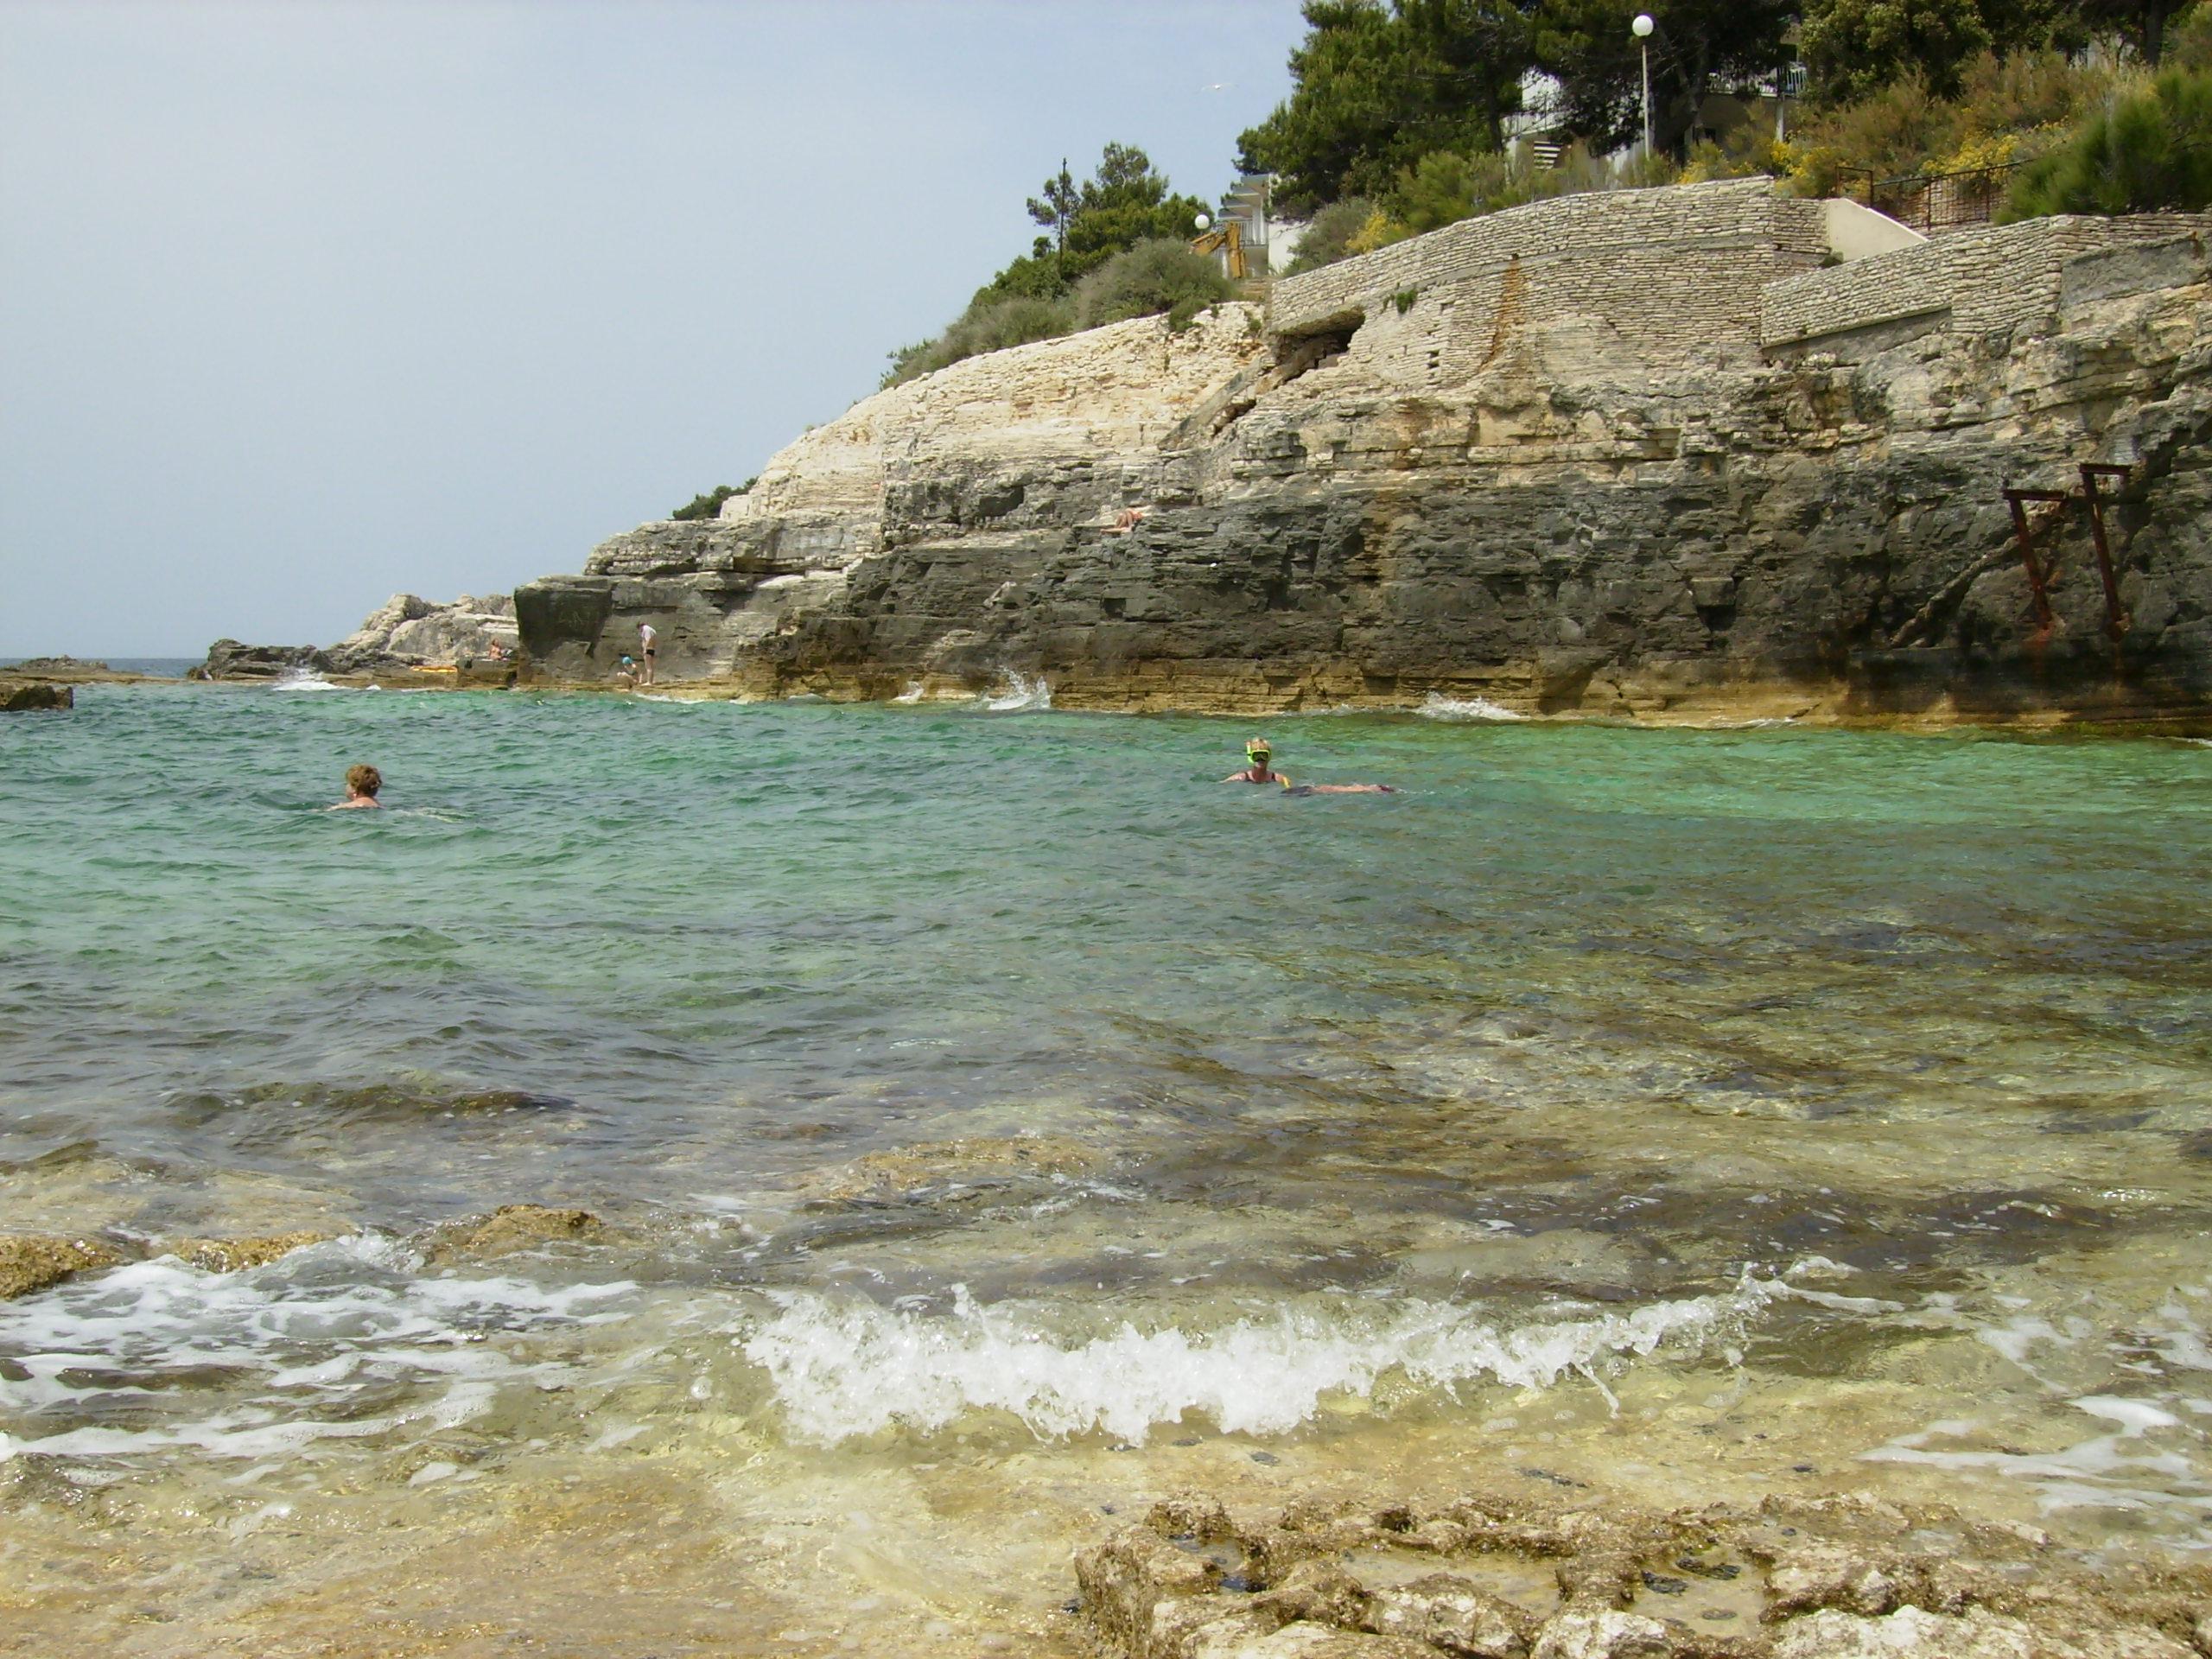 Pula Croatia Beach File:beach in Pula Croatia